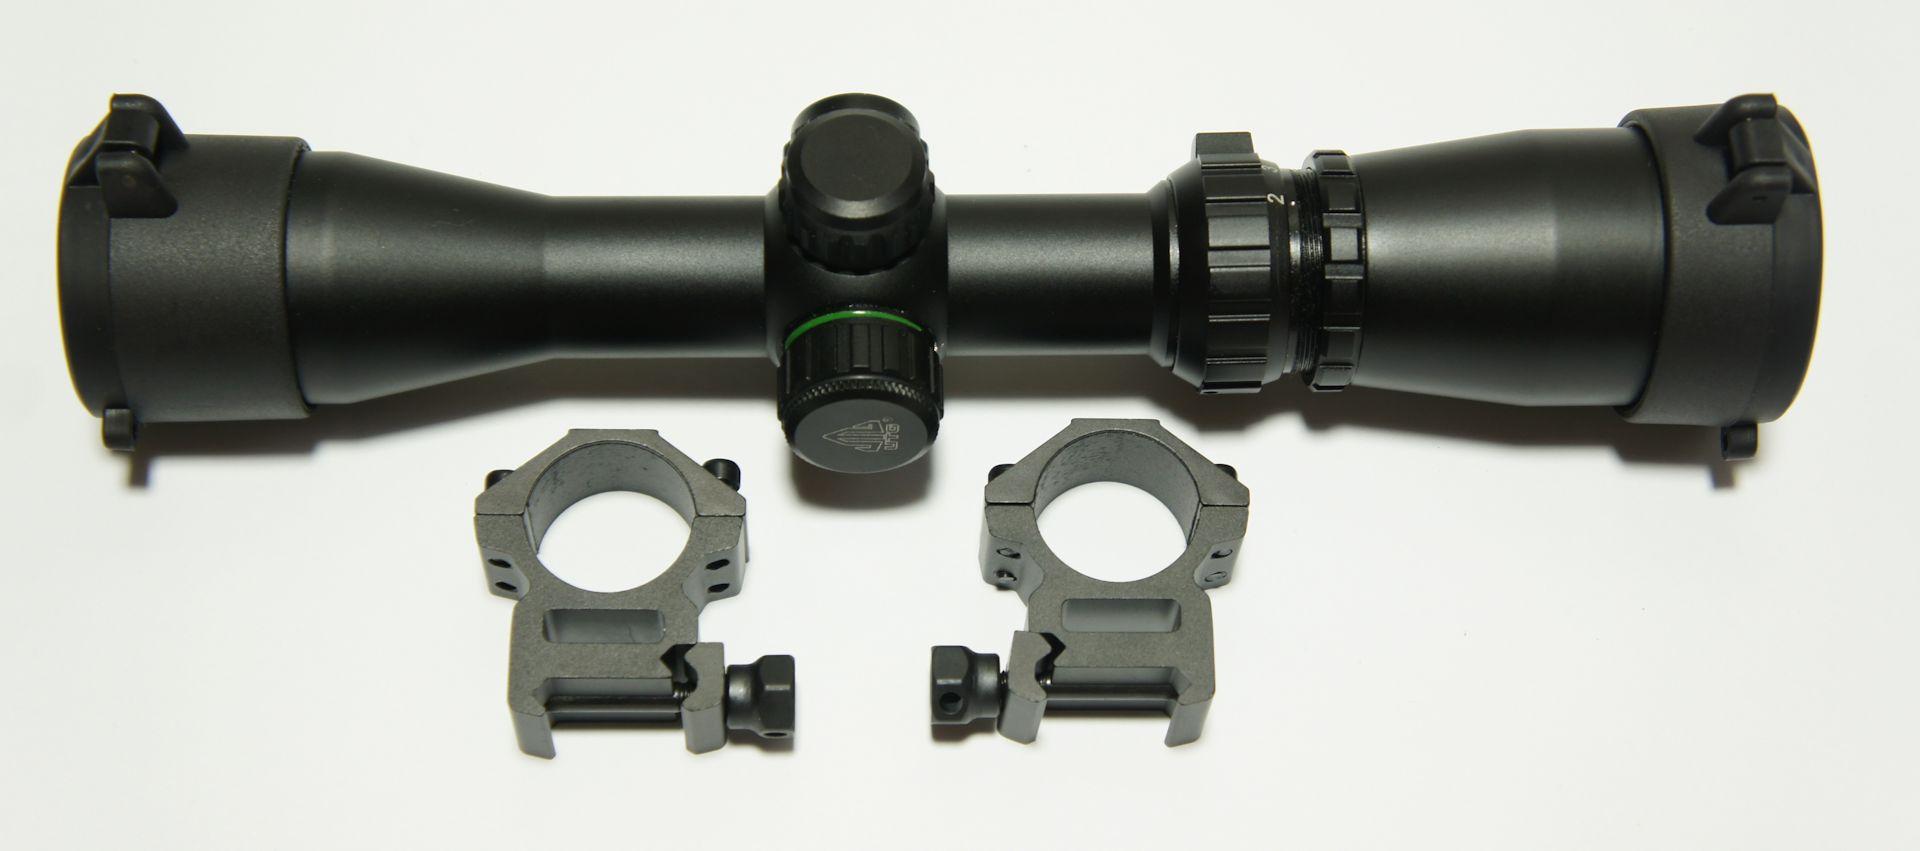 Pistolenzielfernrohr UTG  2-7x32, passend für 21mm Montageschienen